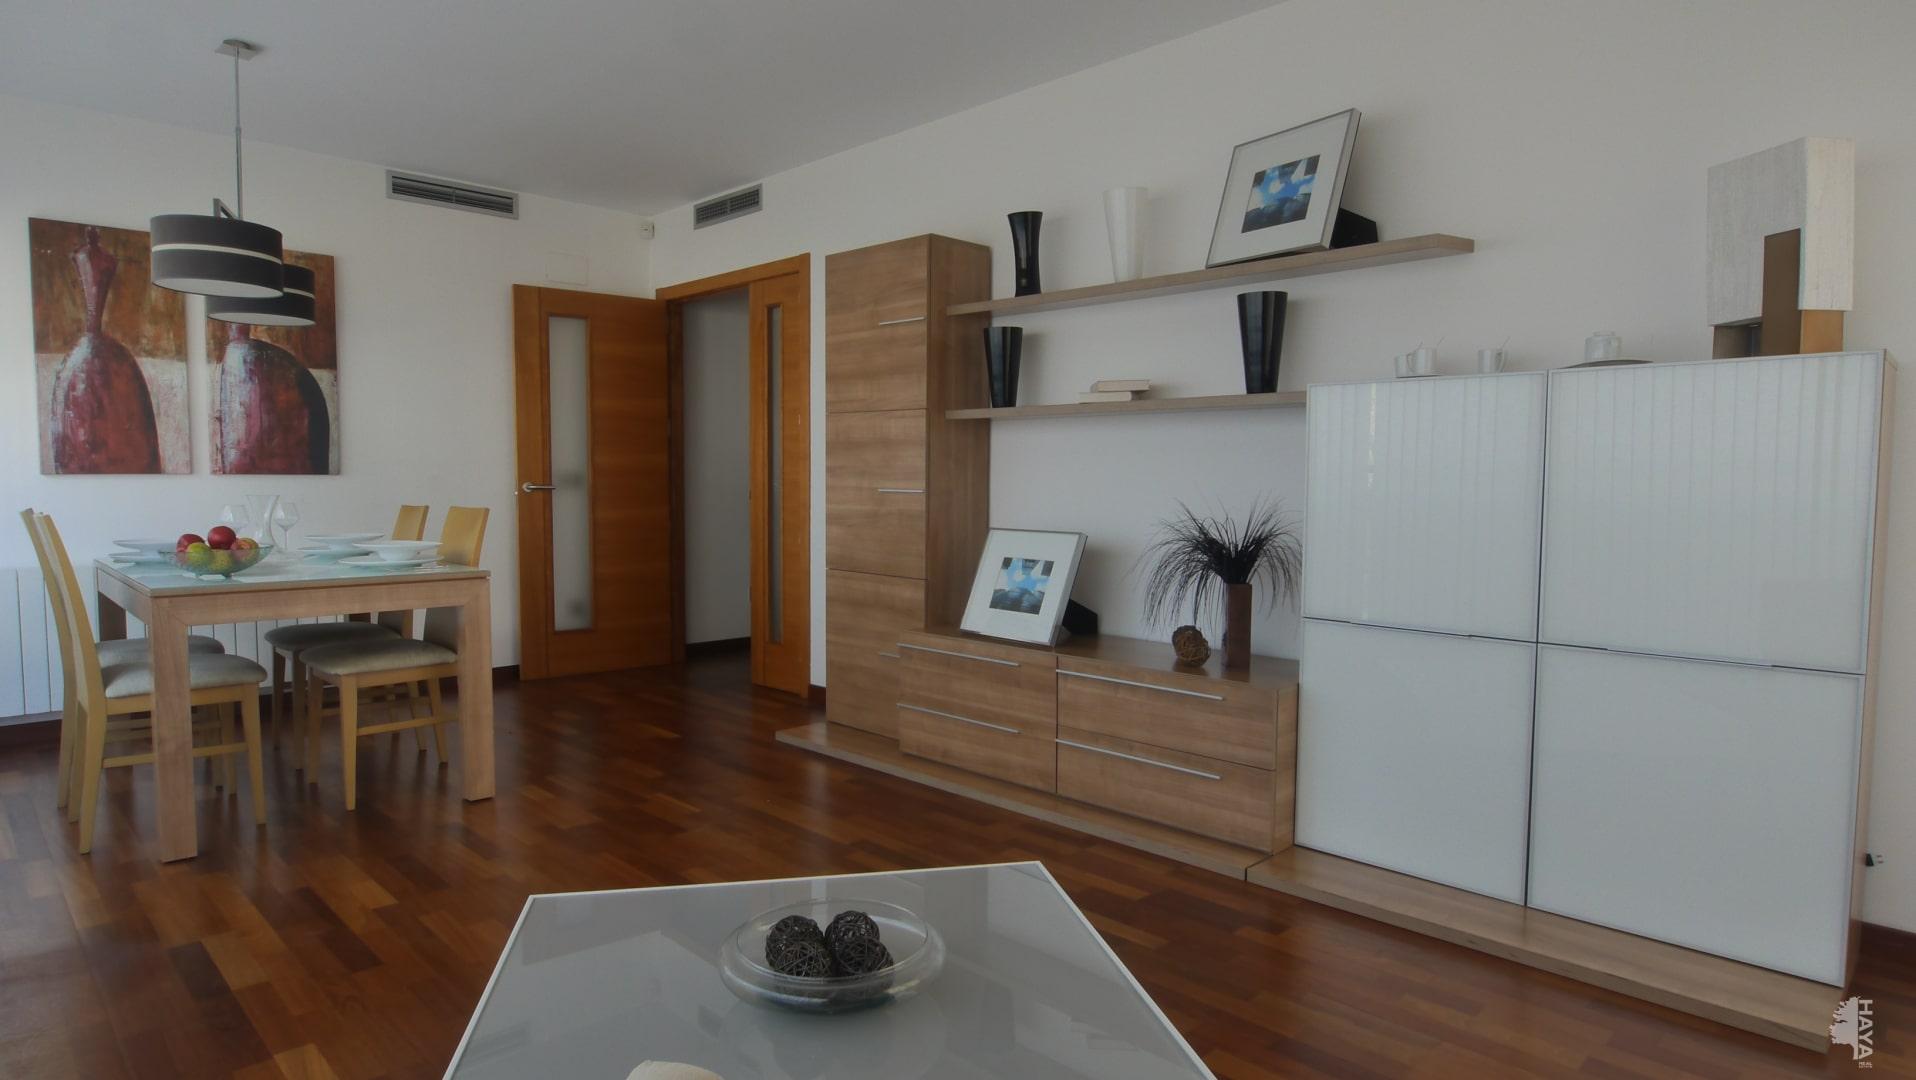 Piso en venta en Castellón de la Plana/castelló de la Plana, Castellón, Avenida Villarreal, 106.000 €, 1 habitación, 1 baño, 55 m2